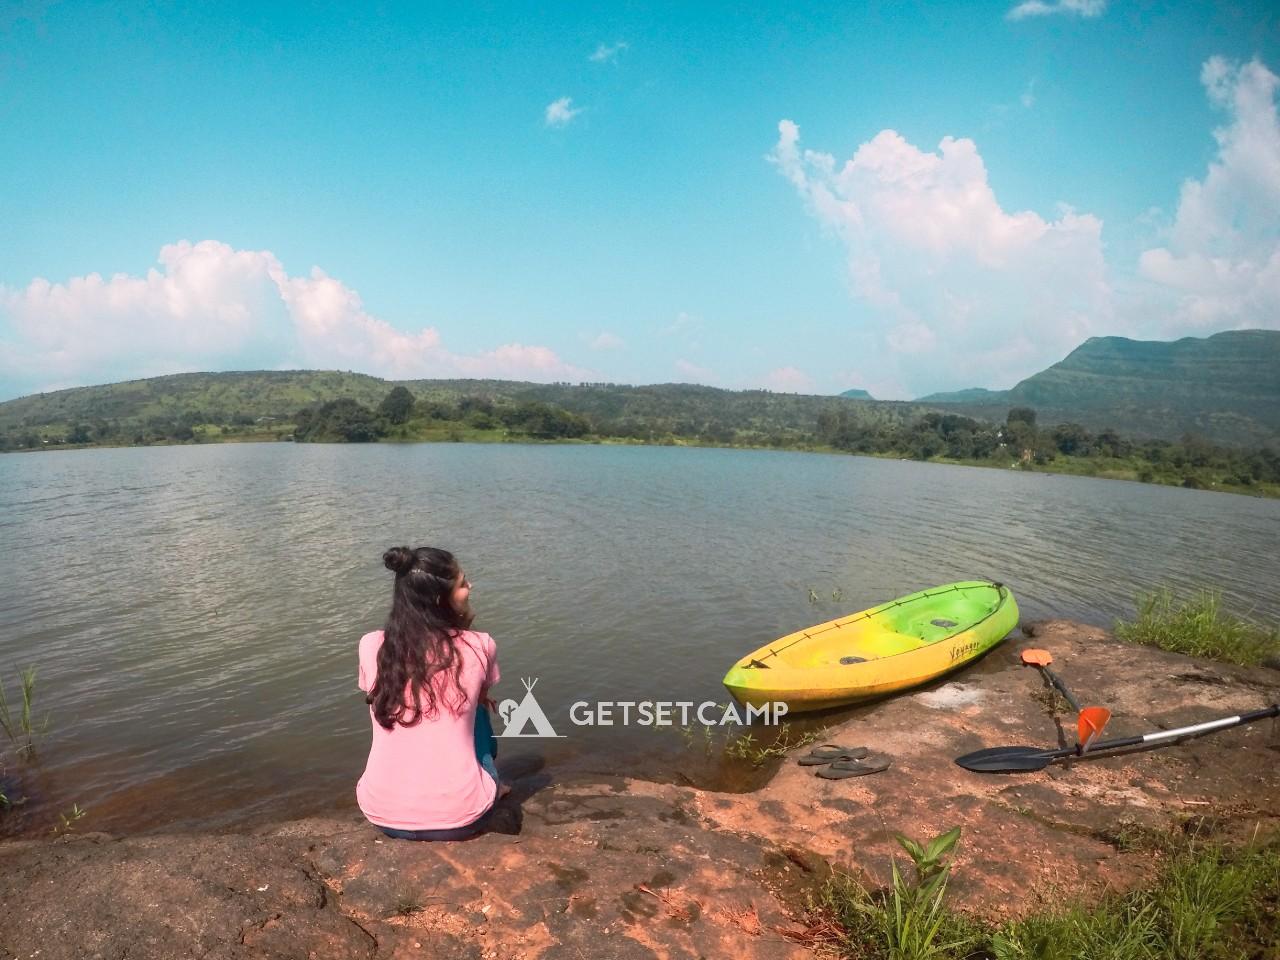 Secret Lakeview Camp & Kayaking